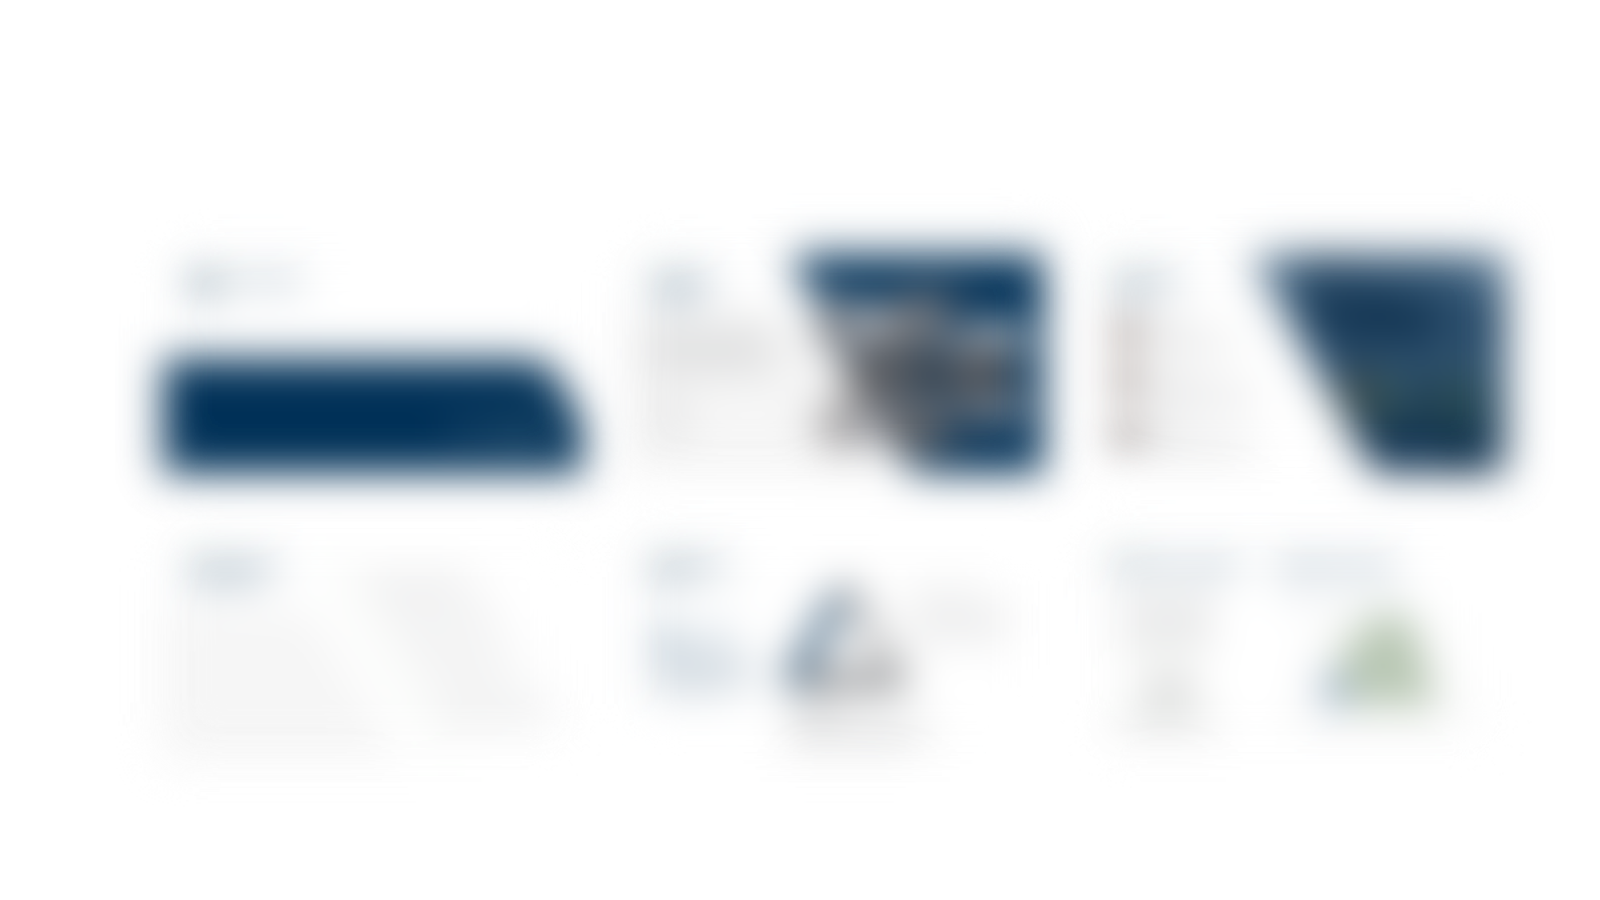 WB-PPTslides-blur